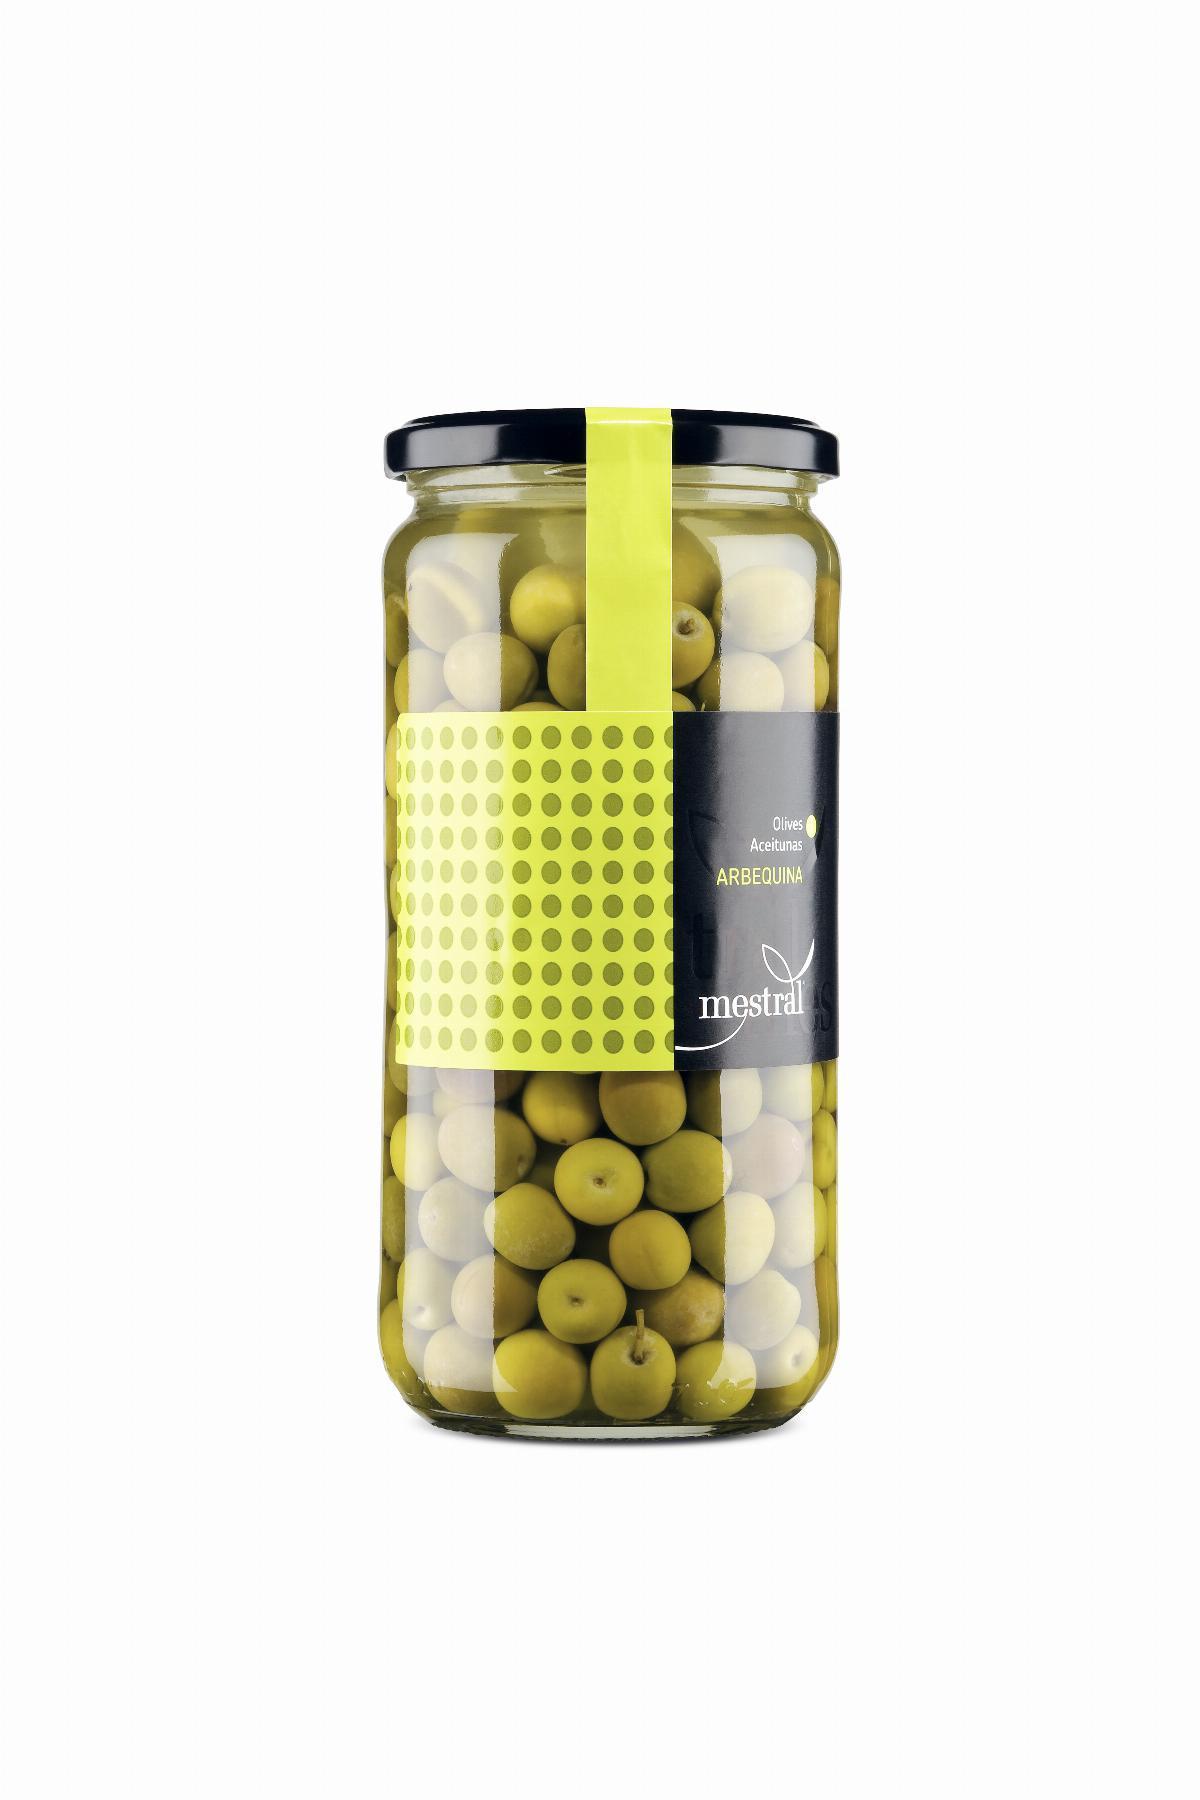 Olives - Mestral Arbequina Olives glass jar 440 g - Mestral Cambrils